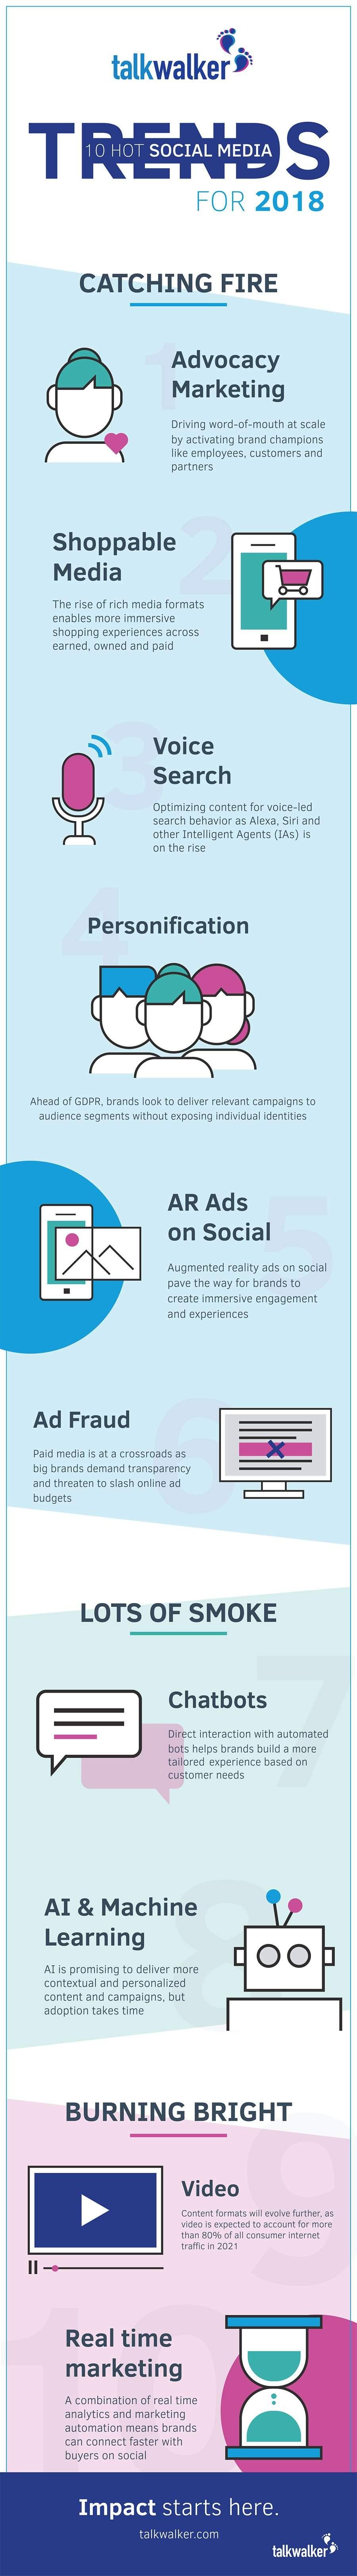 Social Media Trends to Take Advantage of in 2018